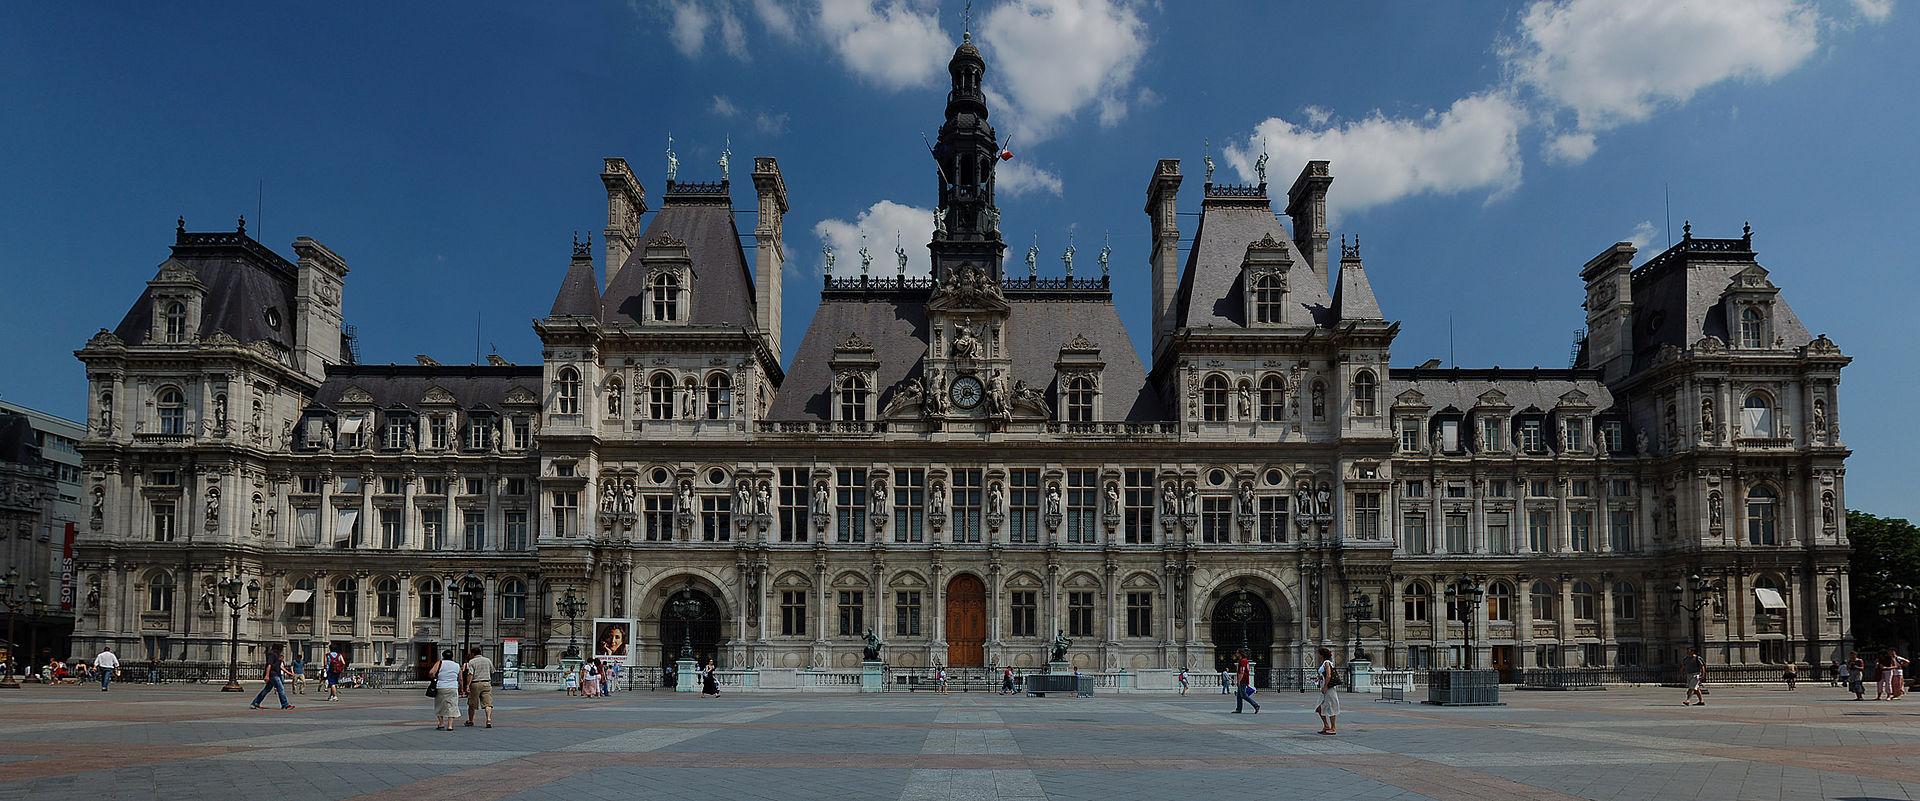 Mairie de paris les pratiques d un employeur voyou npa for Piscine publique paris